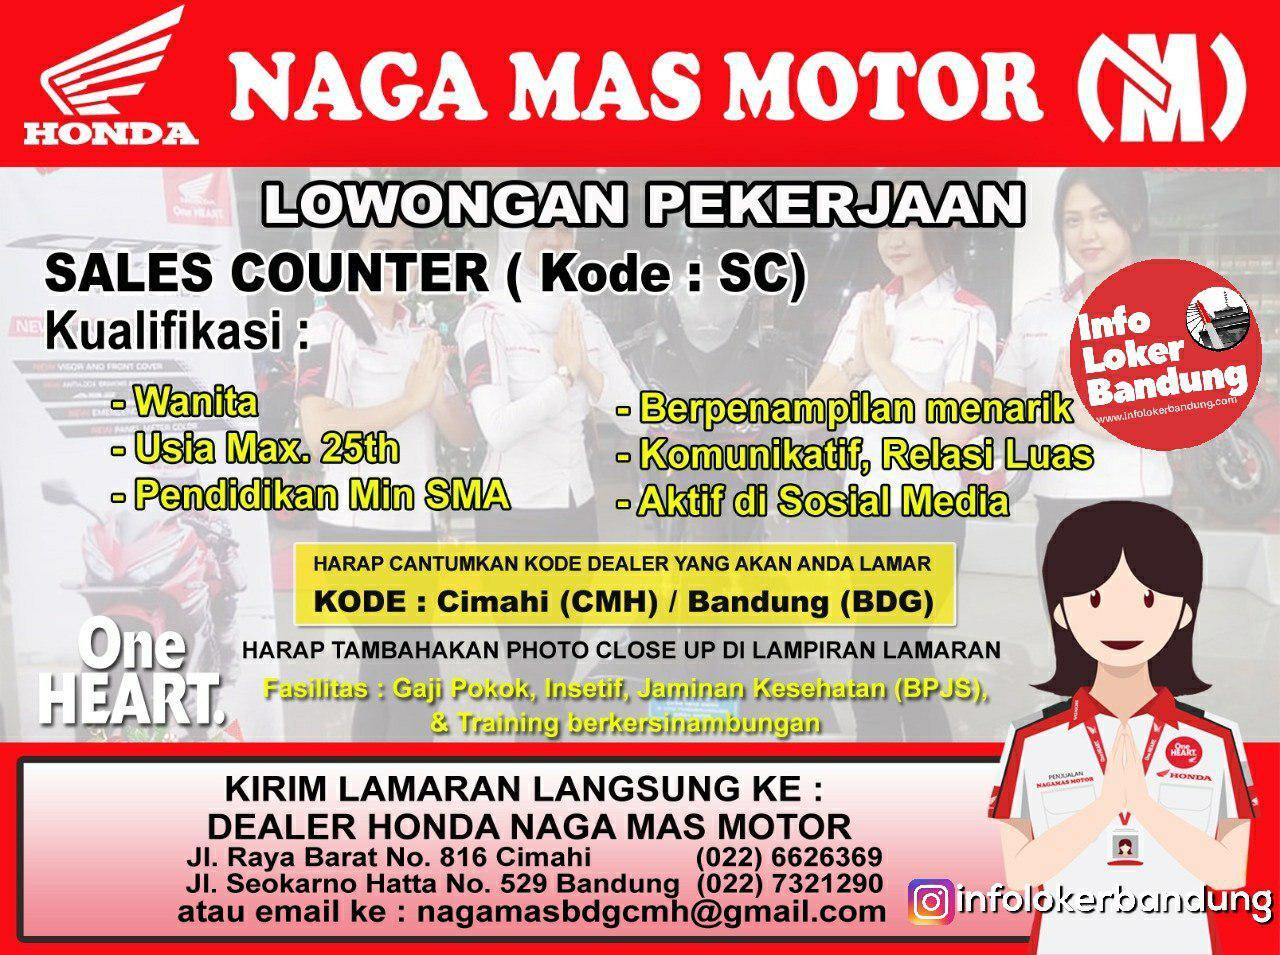 Lowongan Kerja Honda Naga Mas Motor Cimahi & Bandung Januari 2019